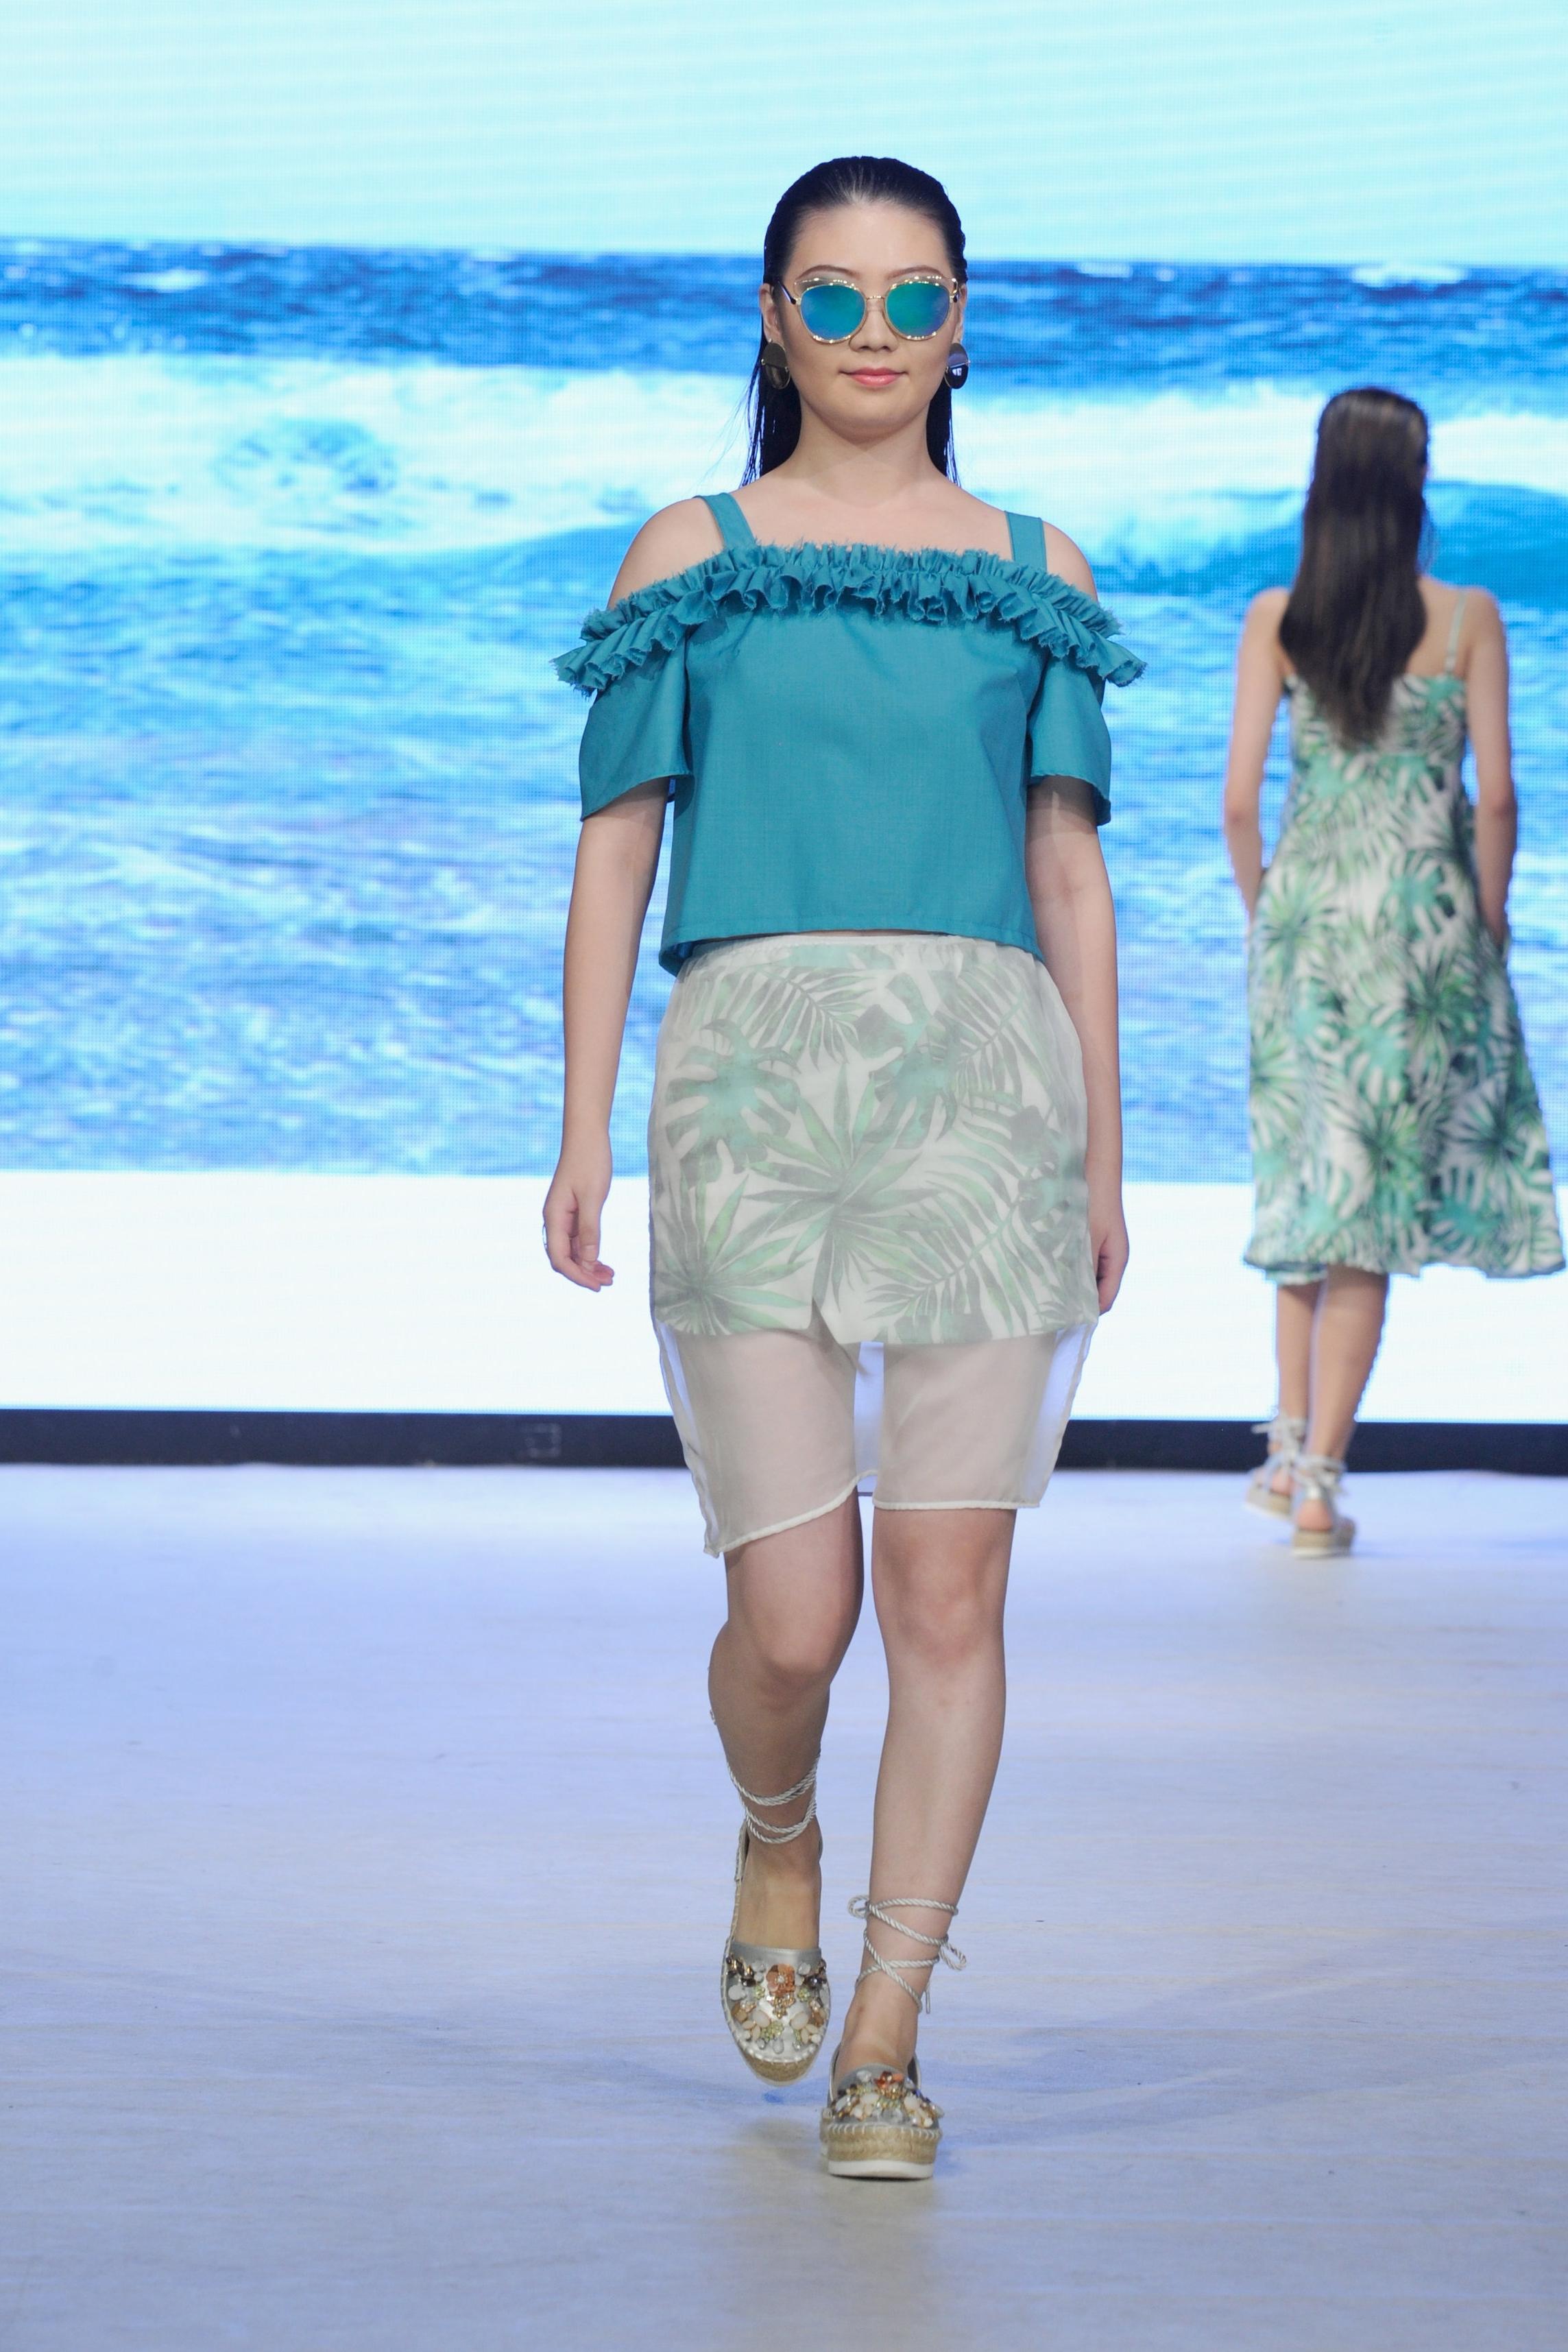 look 3 - 100% merino wool top100% linen wrap skirt100% silk chiffon skirt